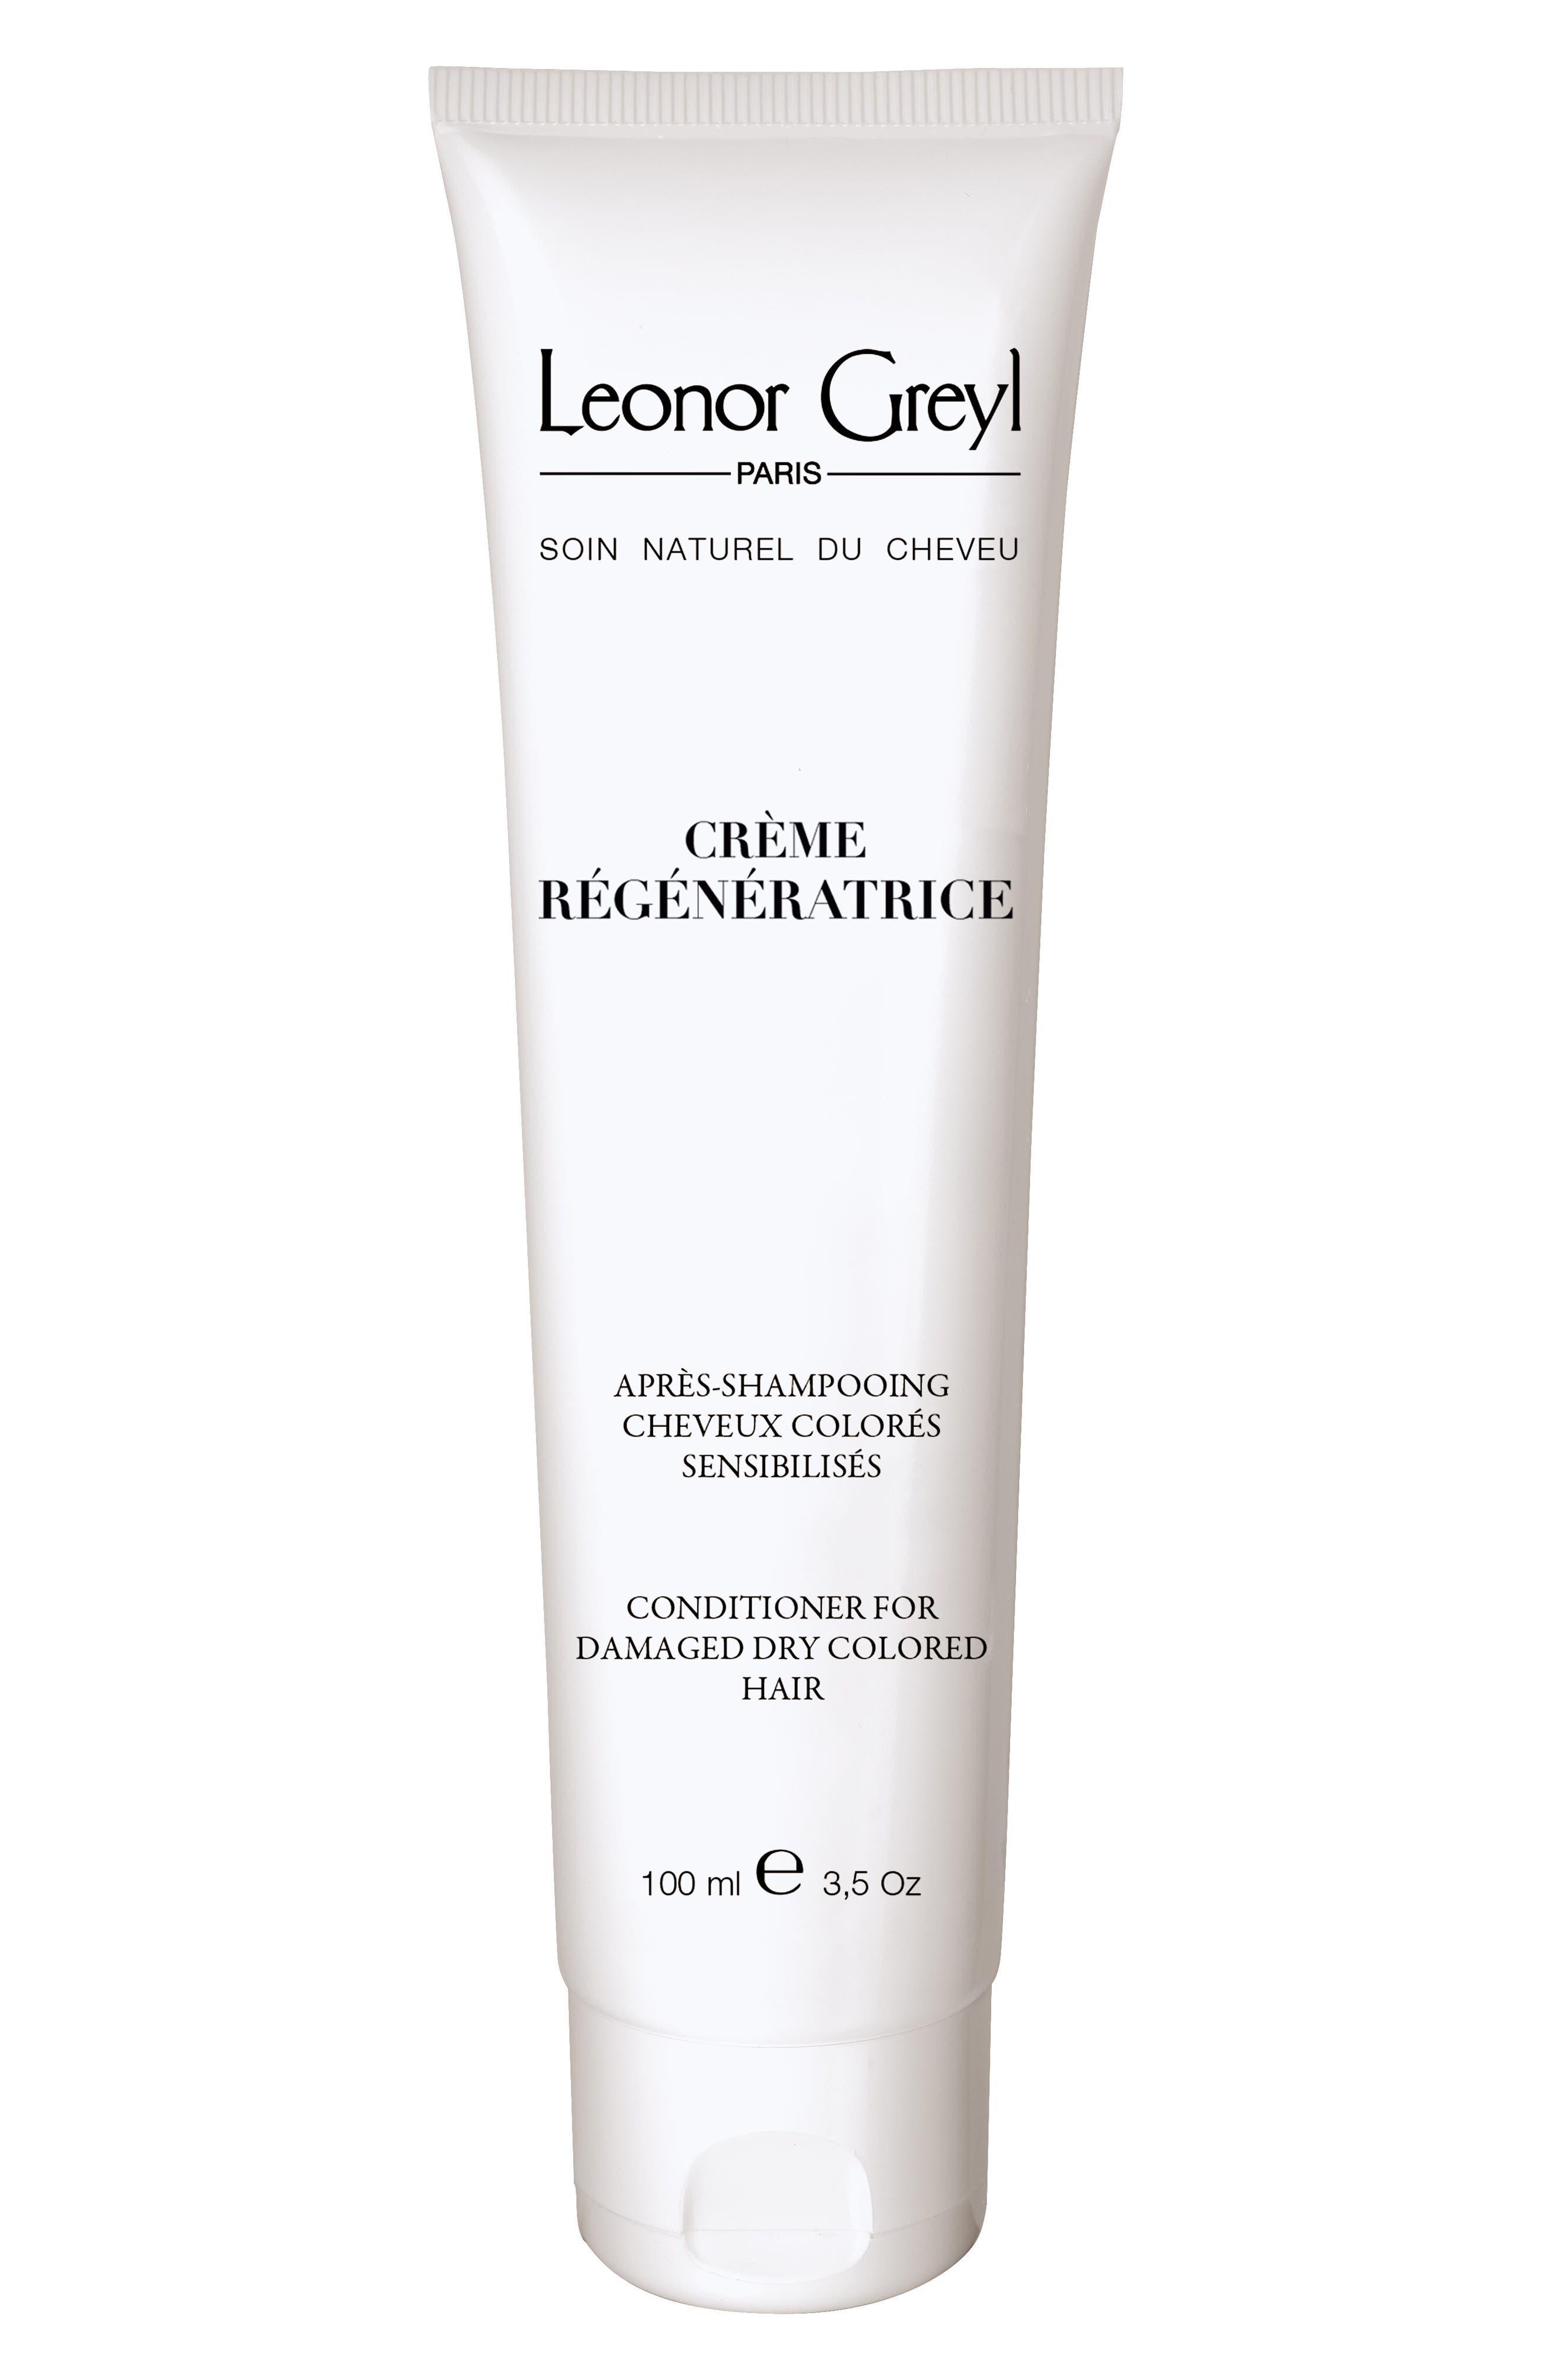 Leonor Greyl PARIS 'Crème Régénératrice' Conditioning Mask